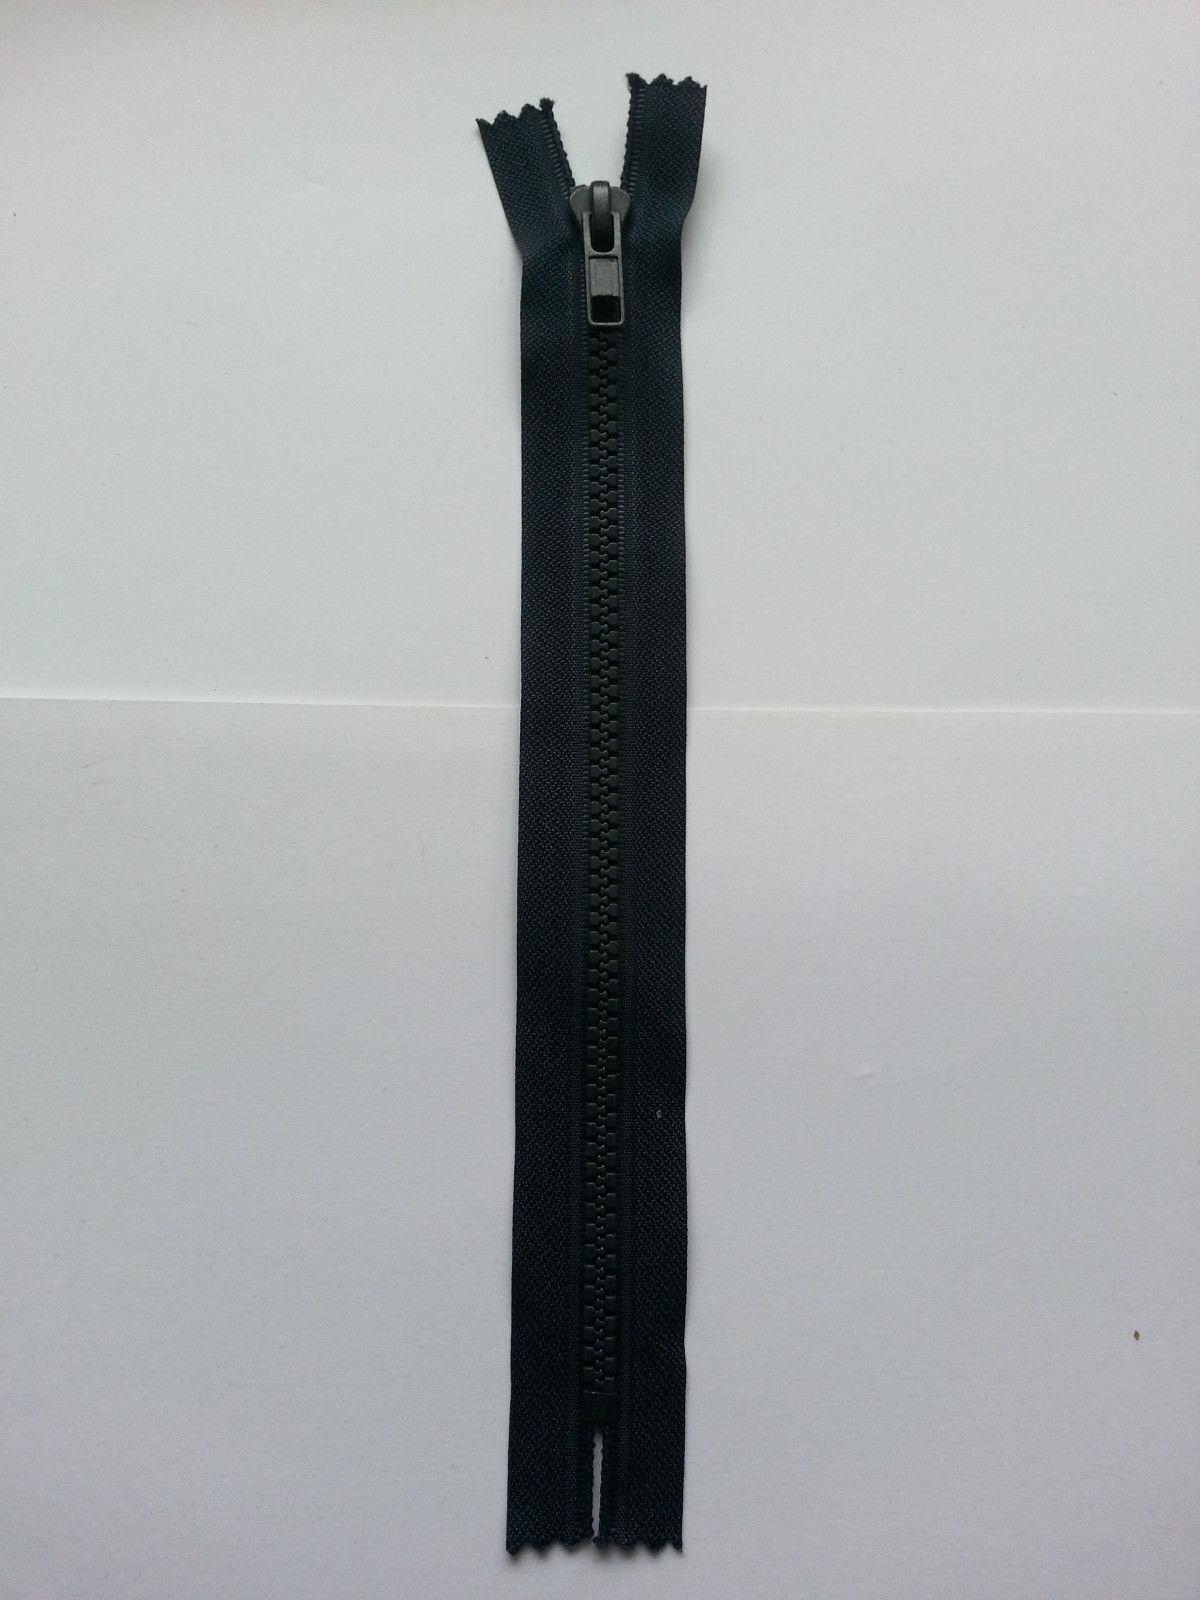 Reißverschluss Kunststoff Grob 8mm 60cm lang Teilbar 5,06 EUR//Stück